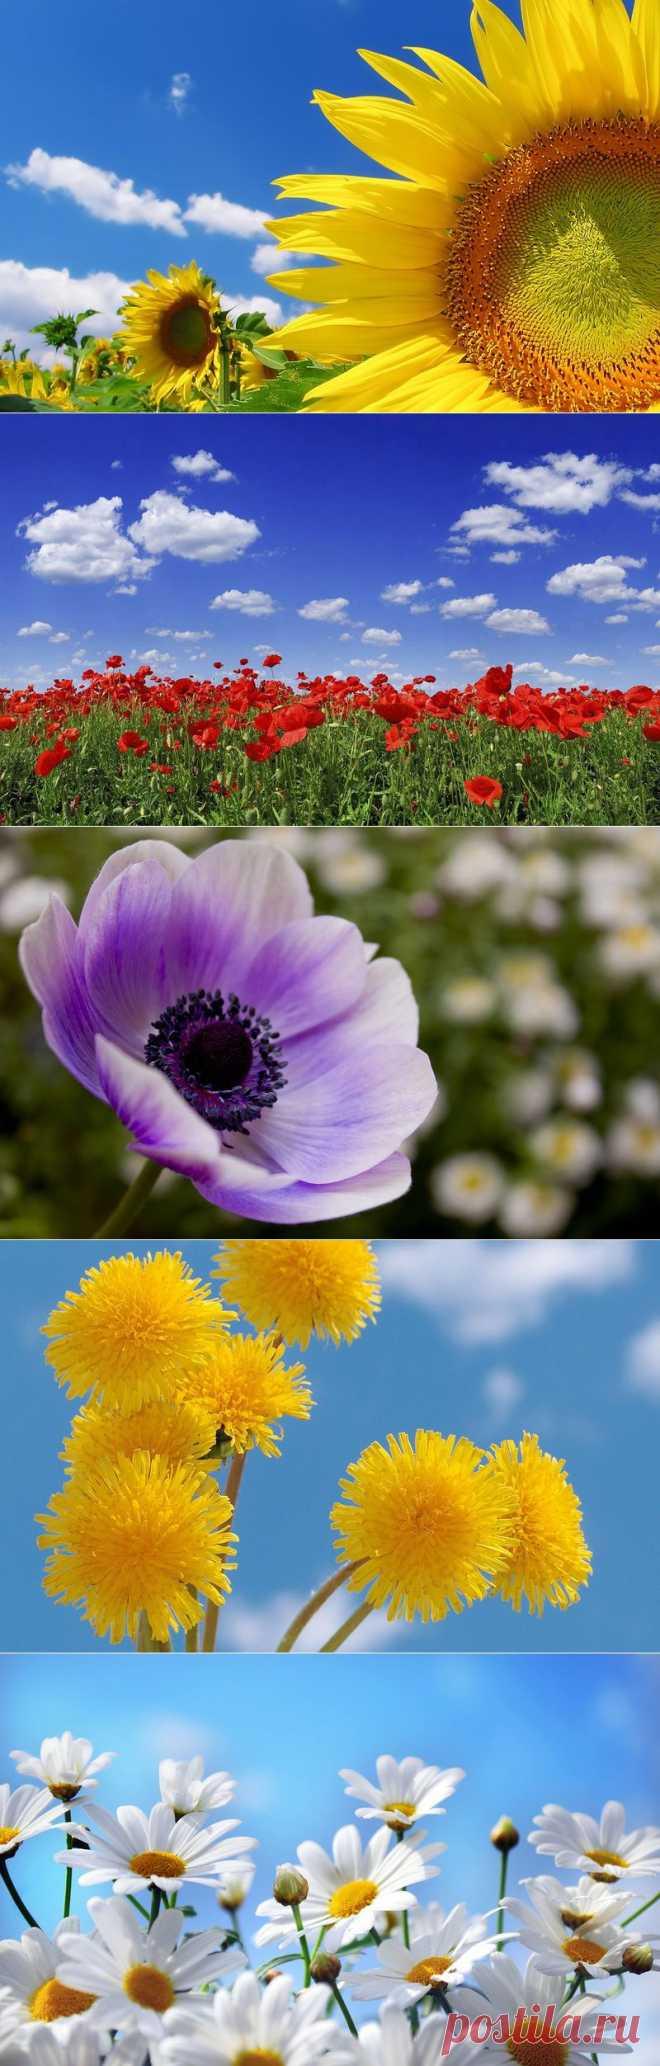 Обои на рабочий стол - *Цветы, природа*.